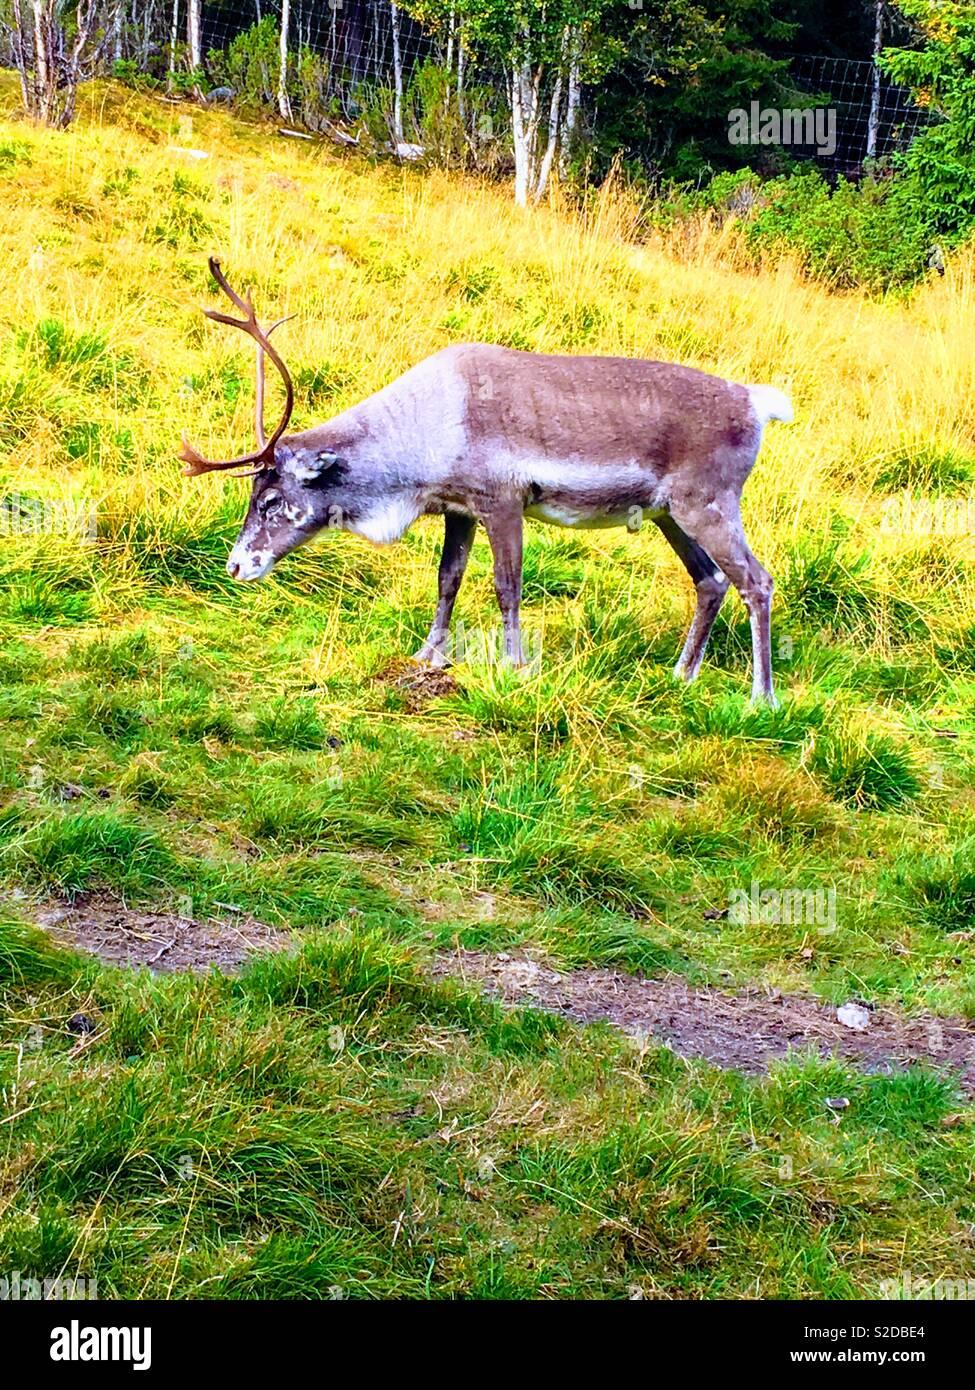 Reindeer,Rangifer tarandus, Grövelsjön' Dalarna, Sweden. - Stock Image